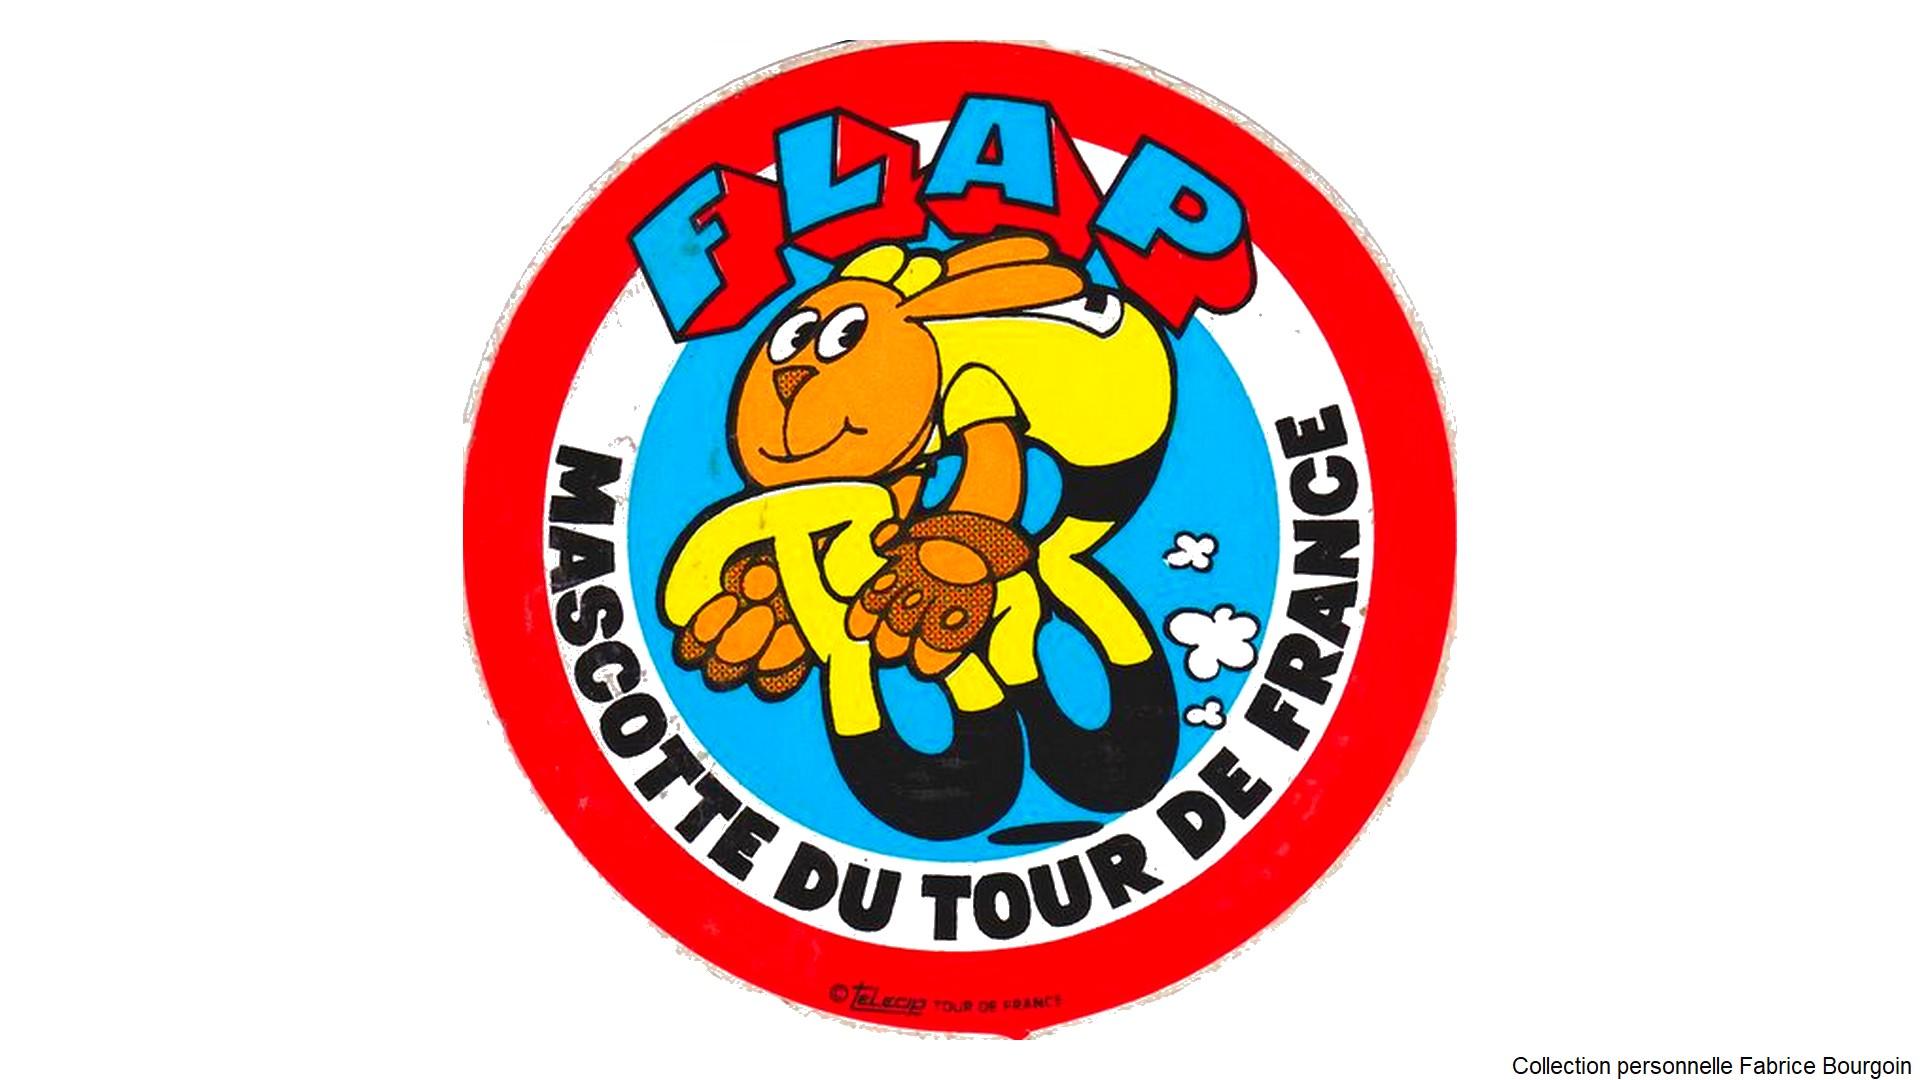 Tour de France – Mascotte Flap (1978)